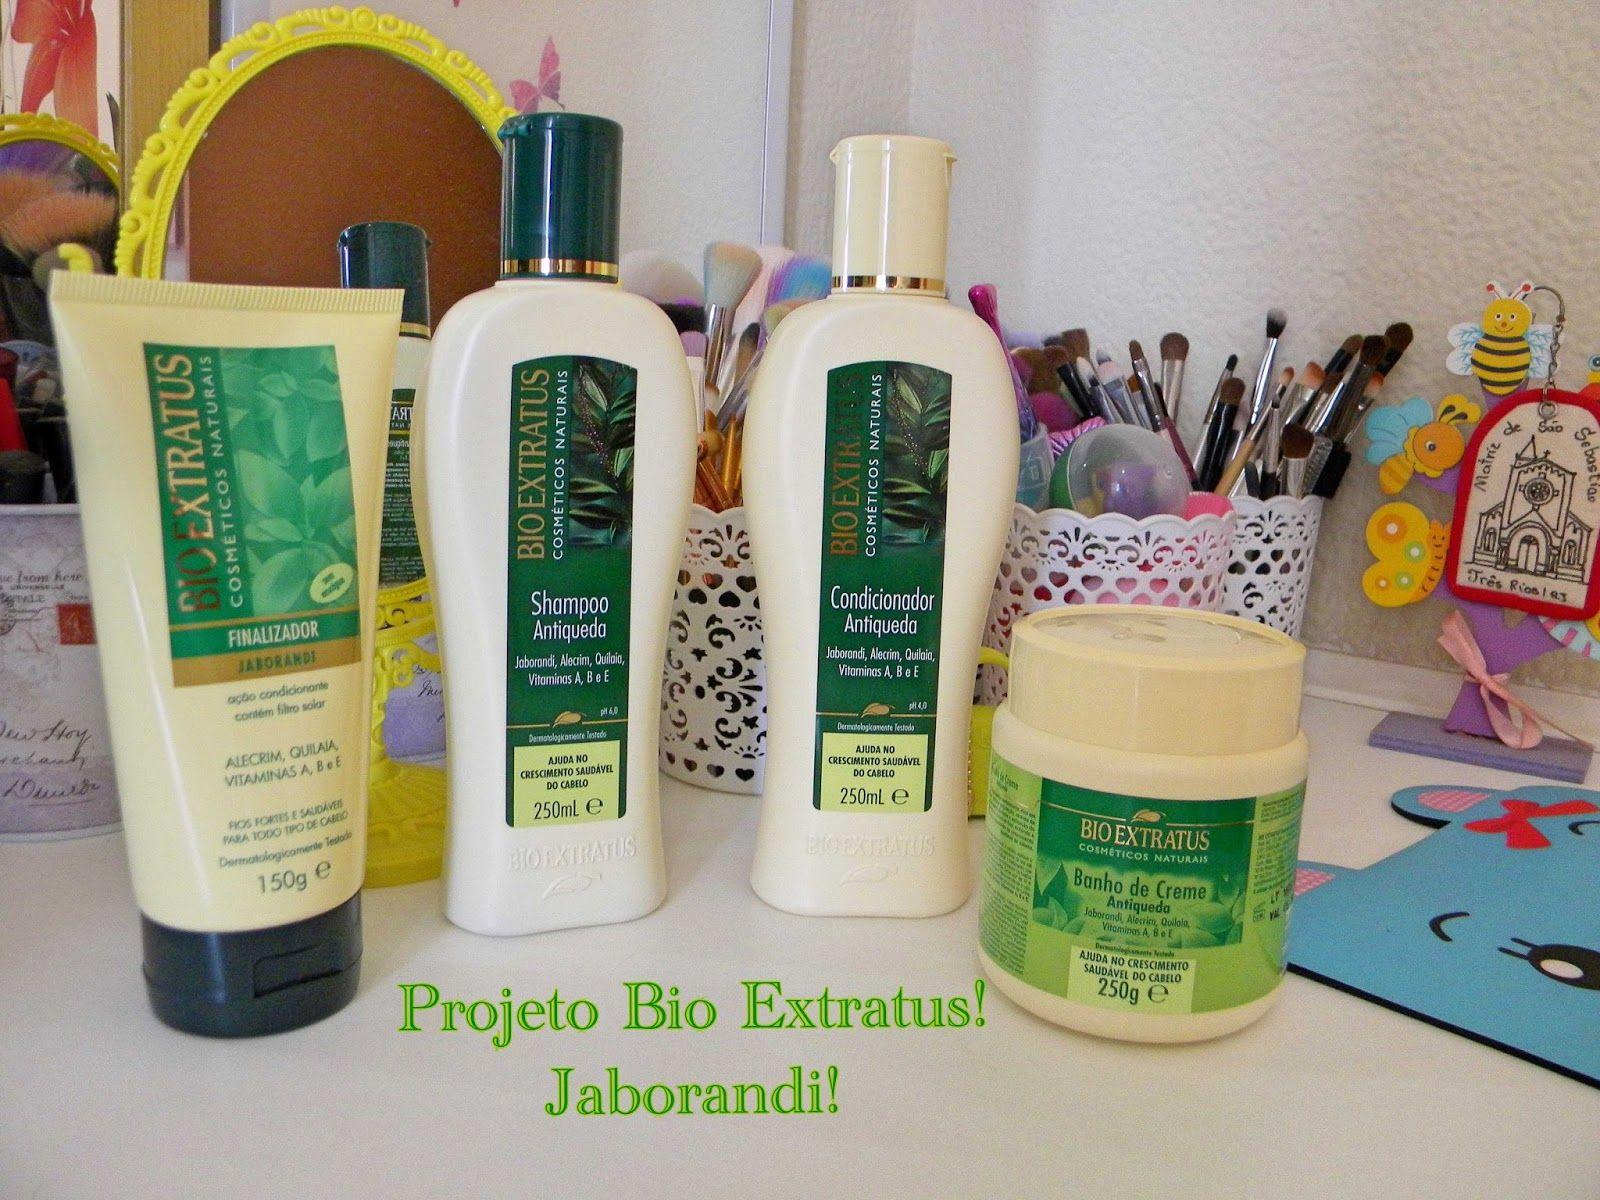 Projeto Bio Extratus Jaborandi Bio Extratus Bio Produtos De